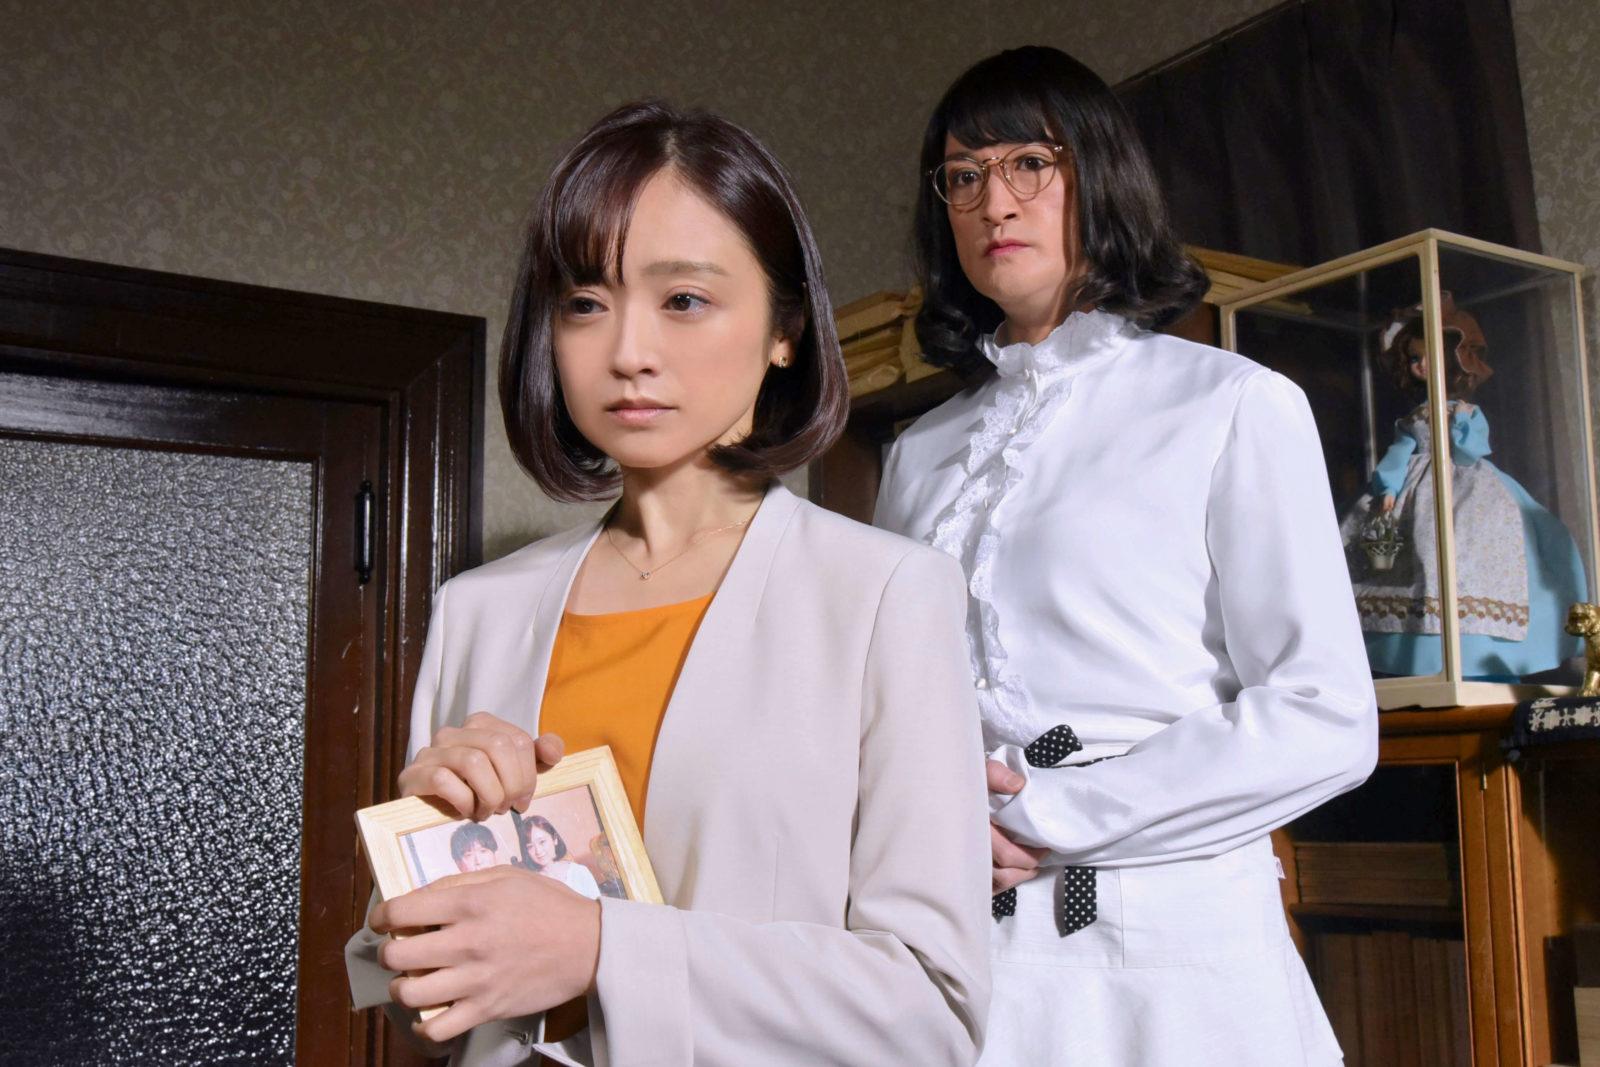 『家政夫のミタゾノ』第5話に安達祐実が登場!怪しげな女性を熱演サムネイル画像